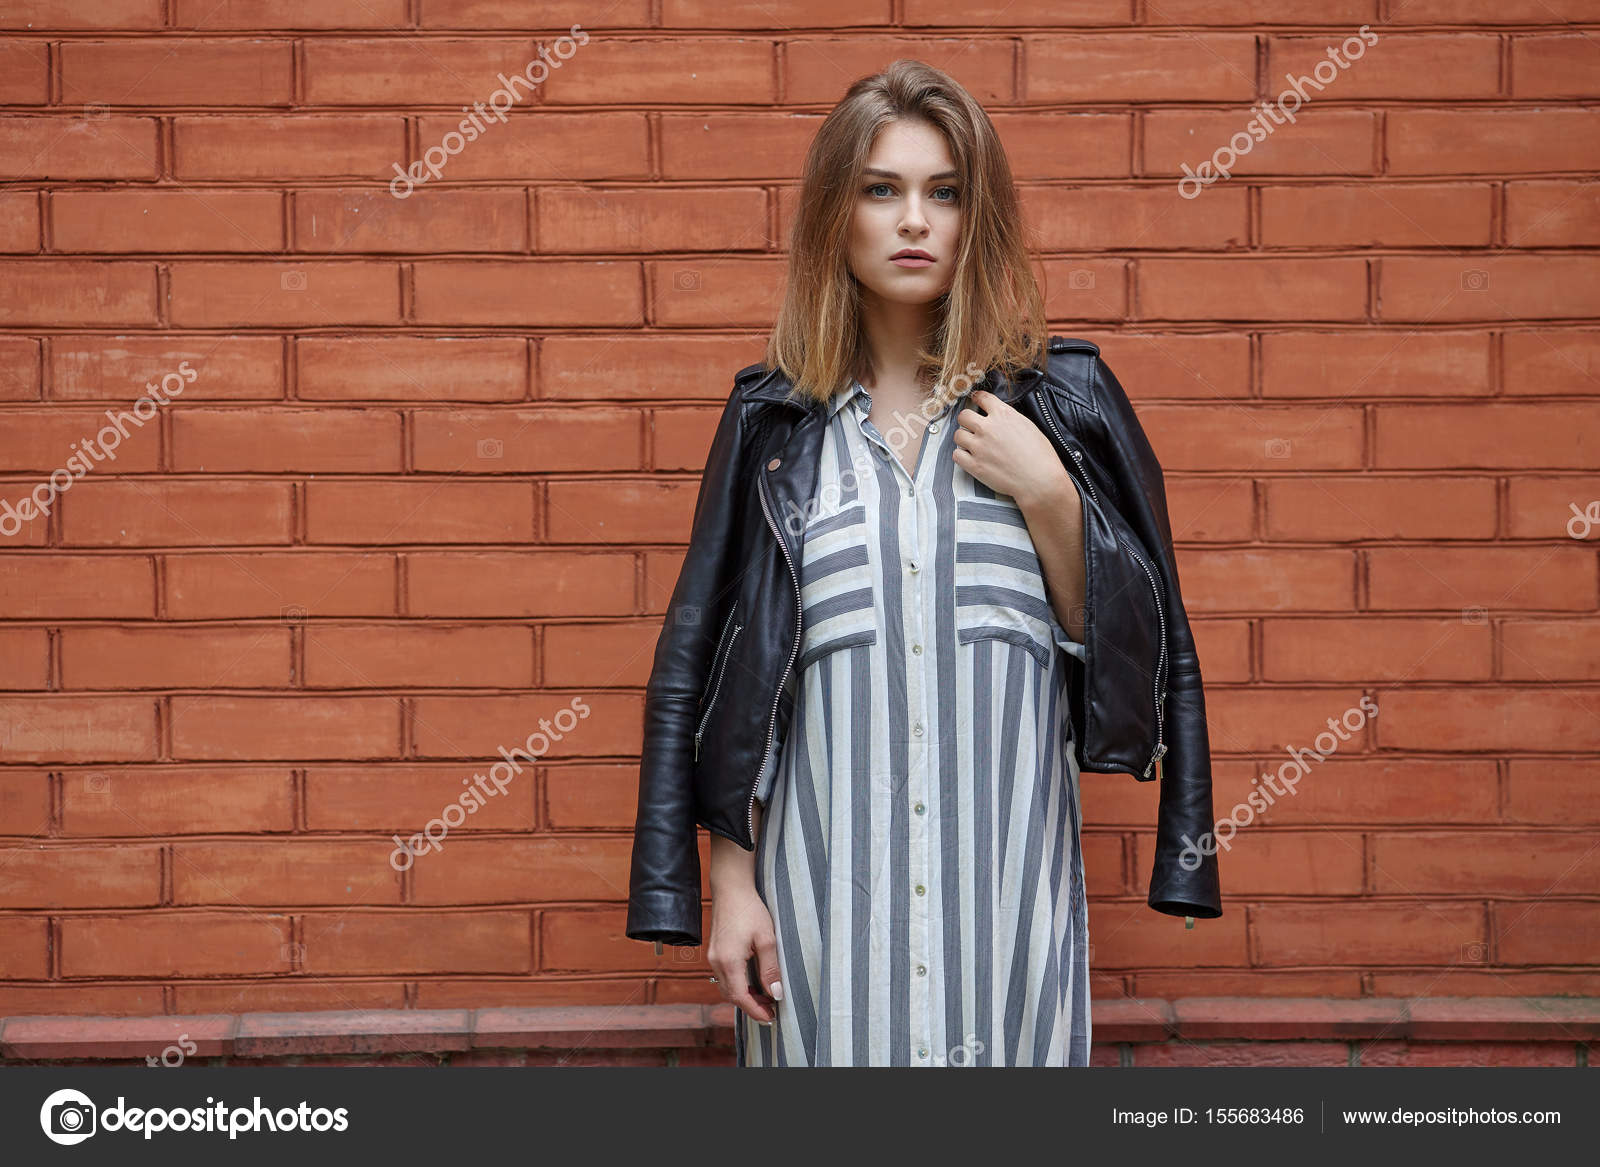 Streetwear Elegante Zapatillas En Deporte Joven Hermosa De Negro wgXHqn8